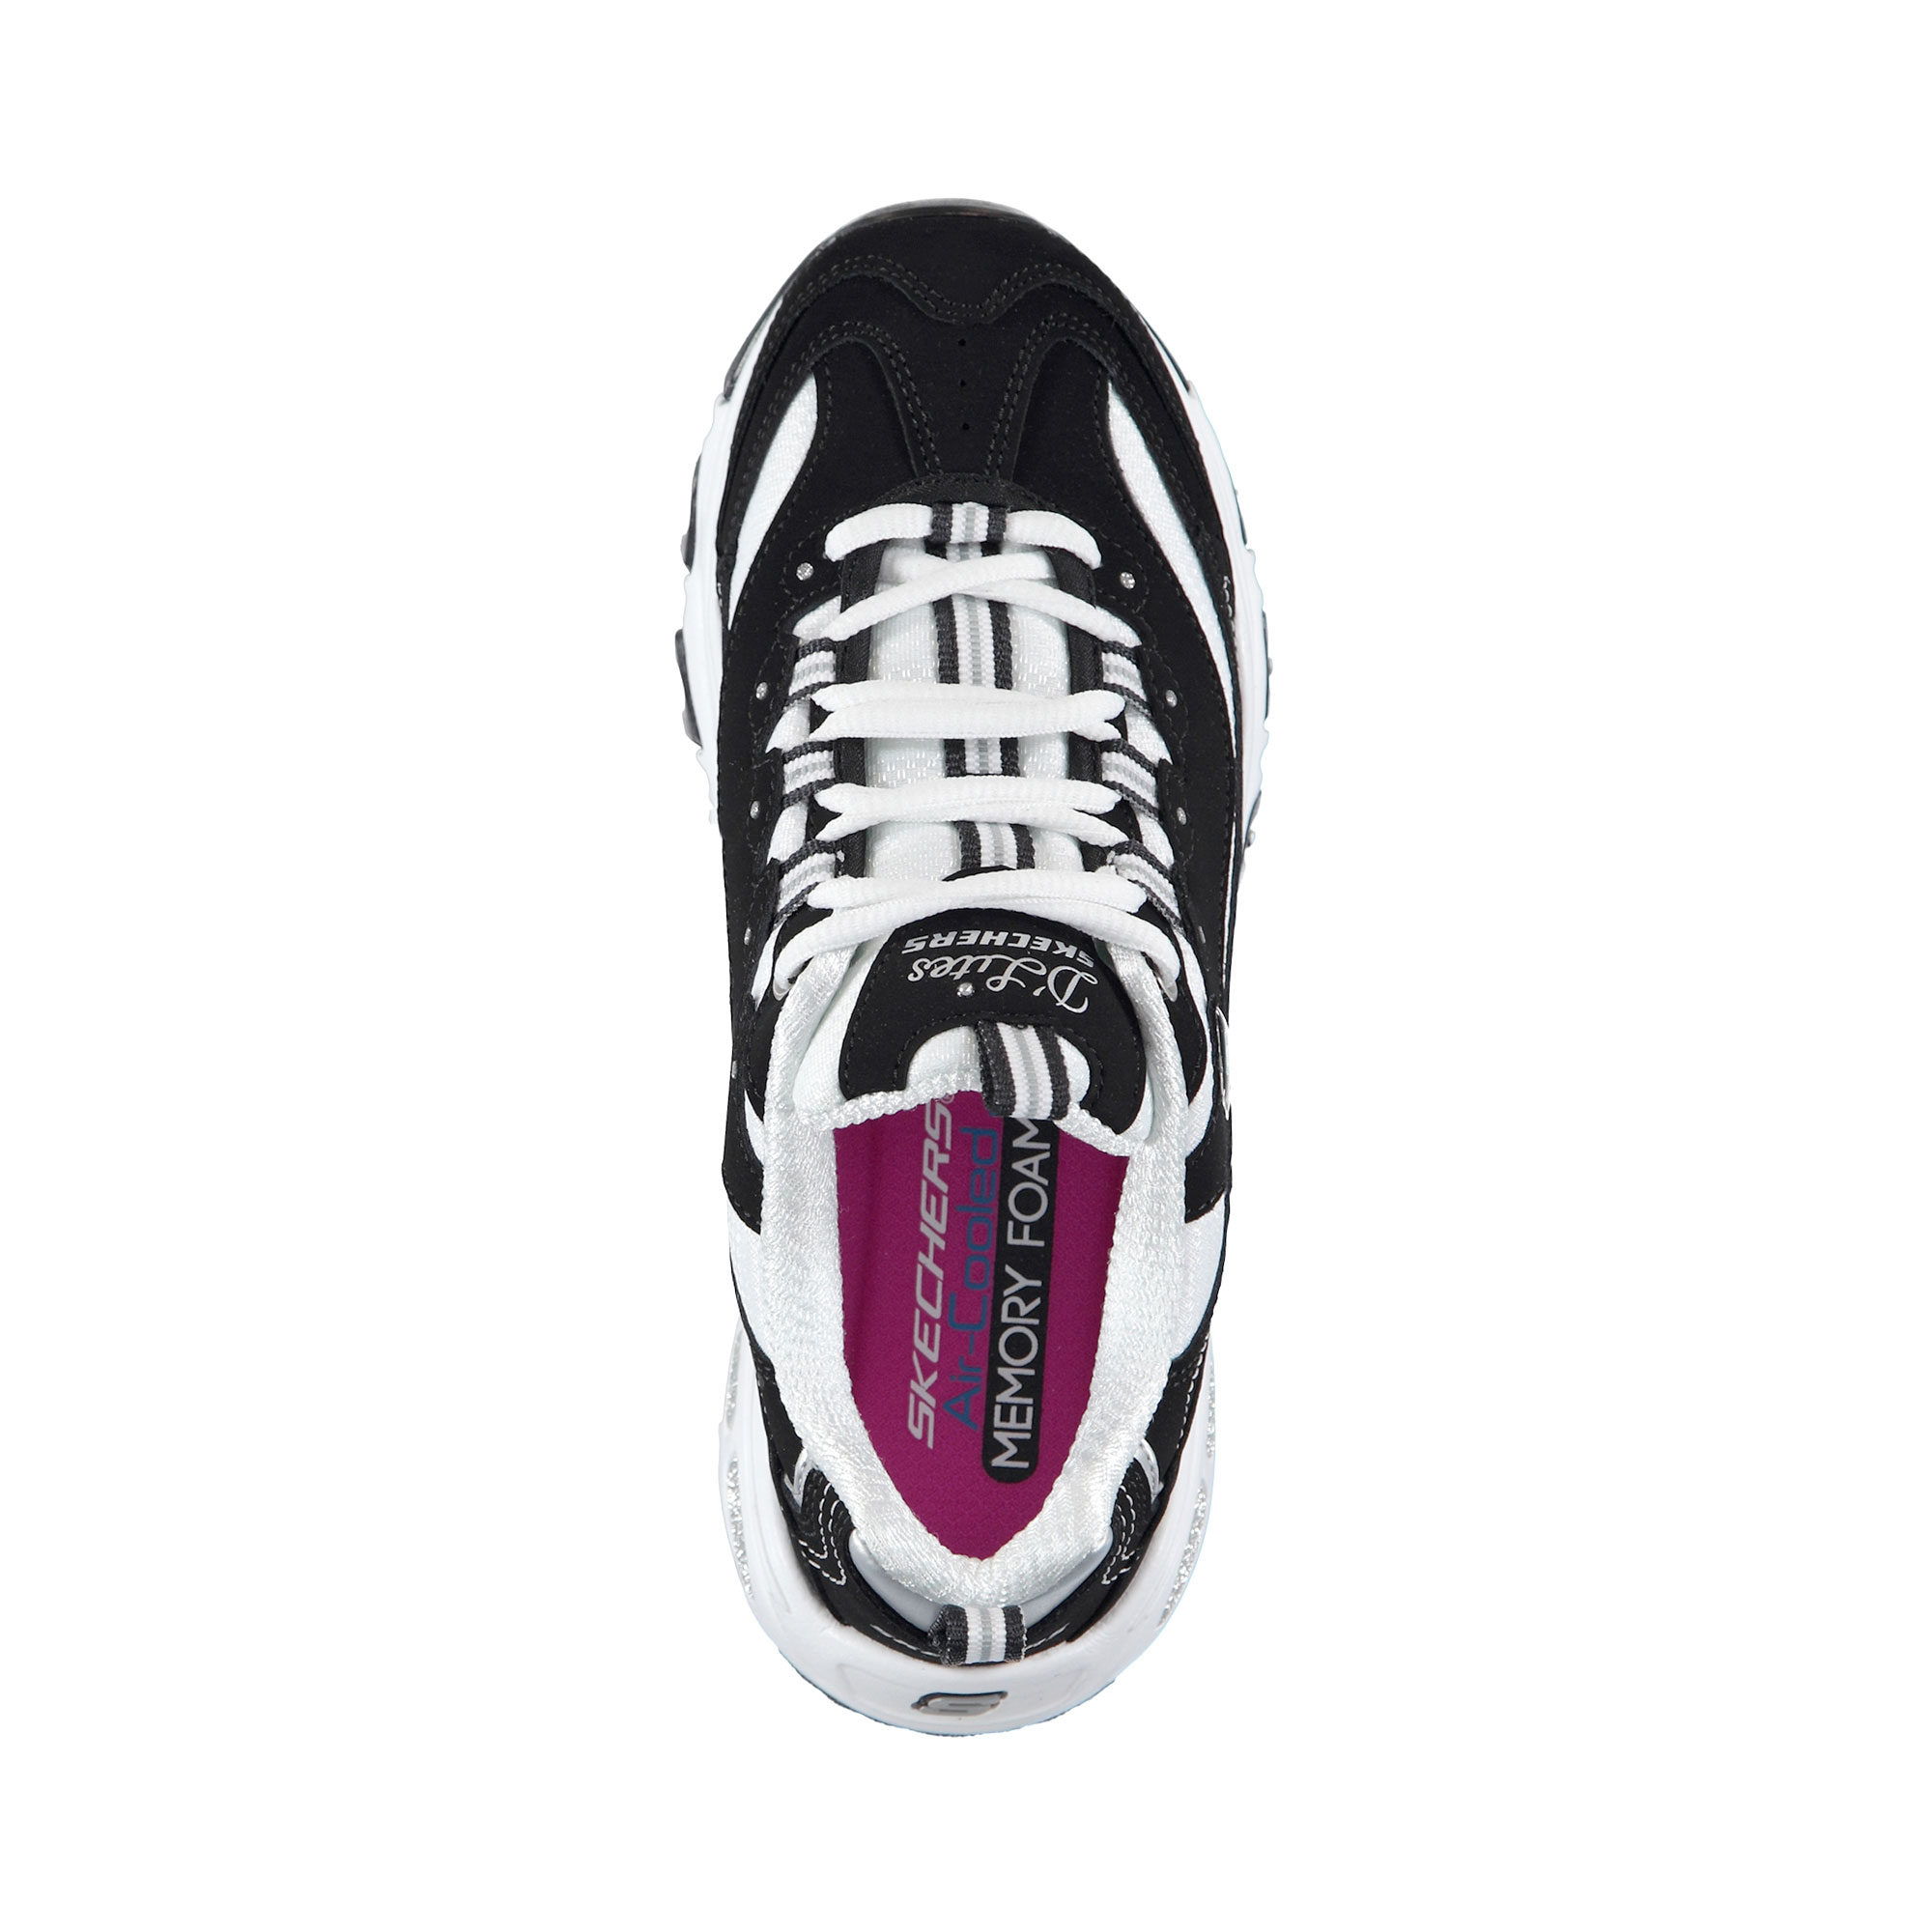 Skechers D'Lites Biggest Fan Kadın Siyah Beyaz Spor Ayakkabı